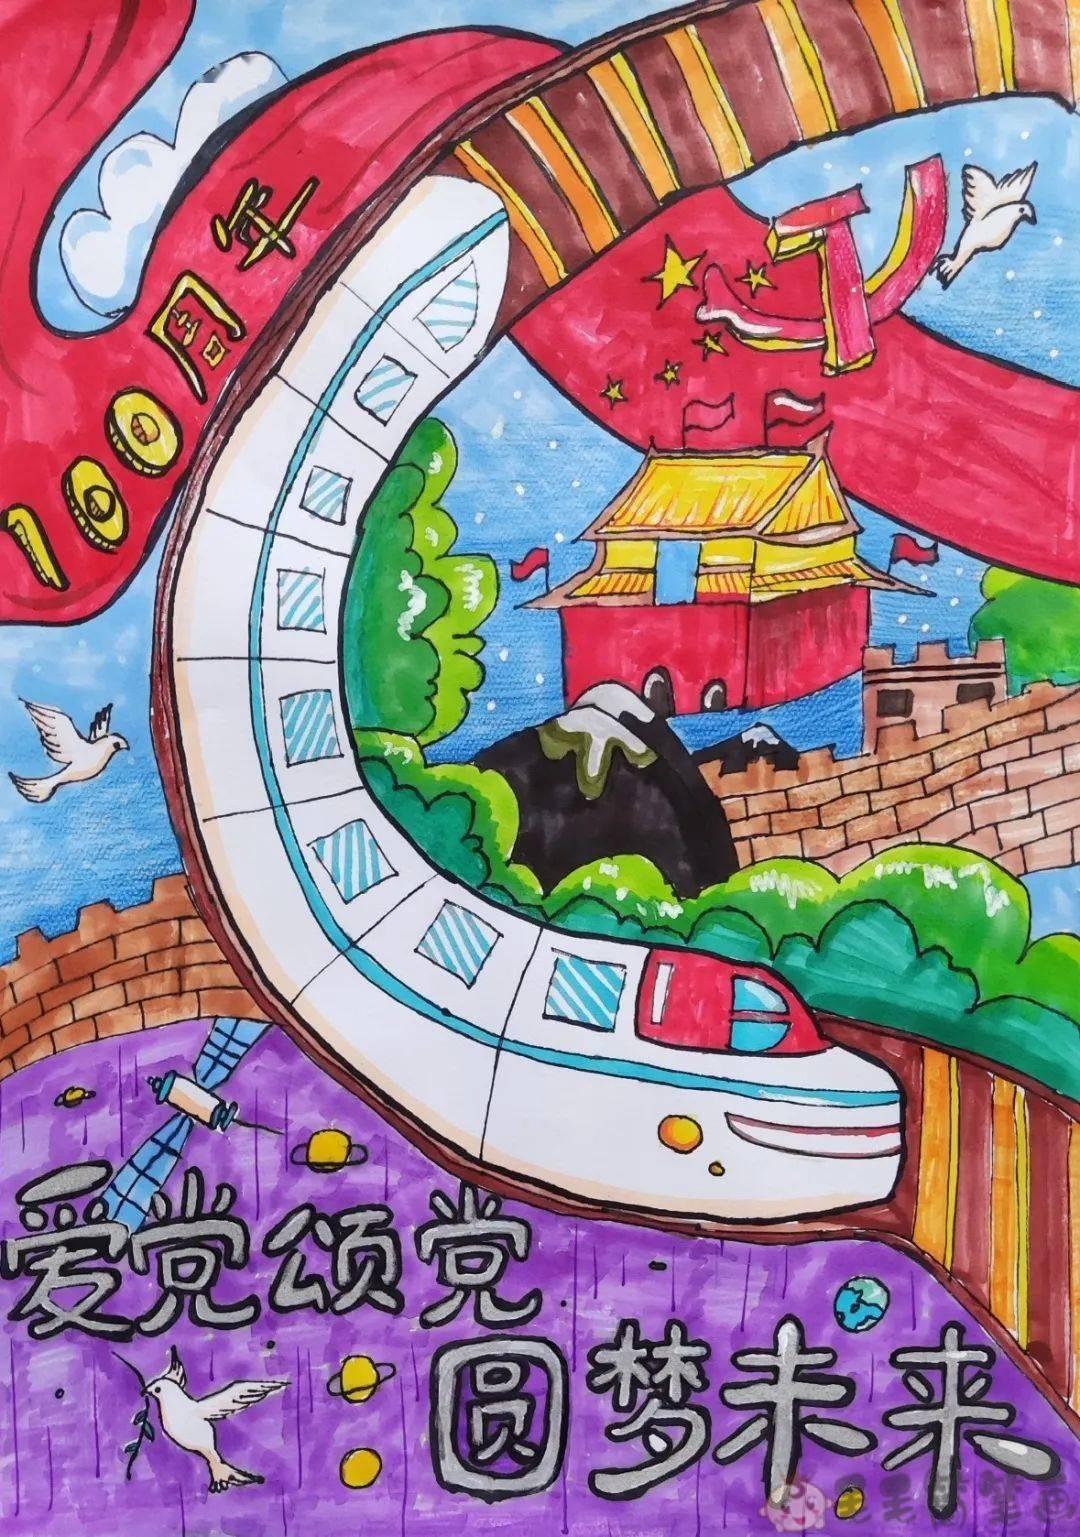 描绘青山筑梦新百年儿童画